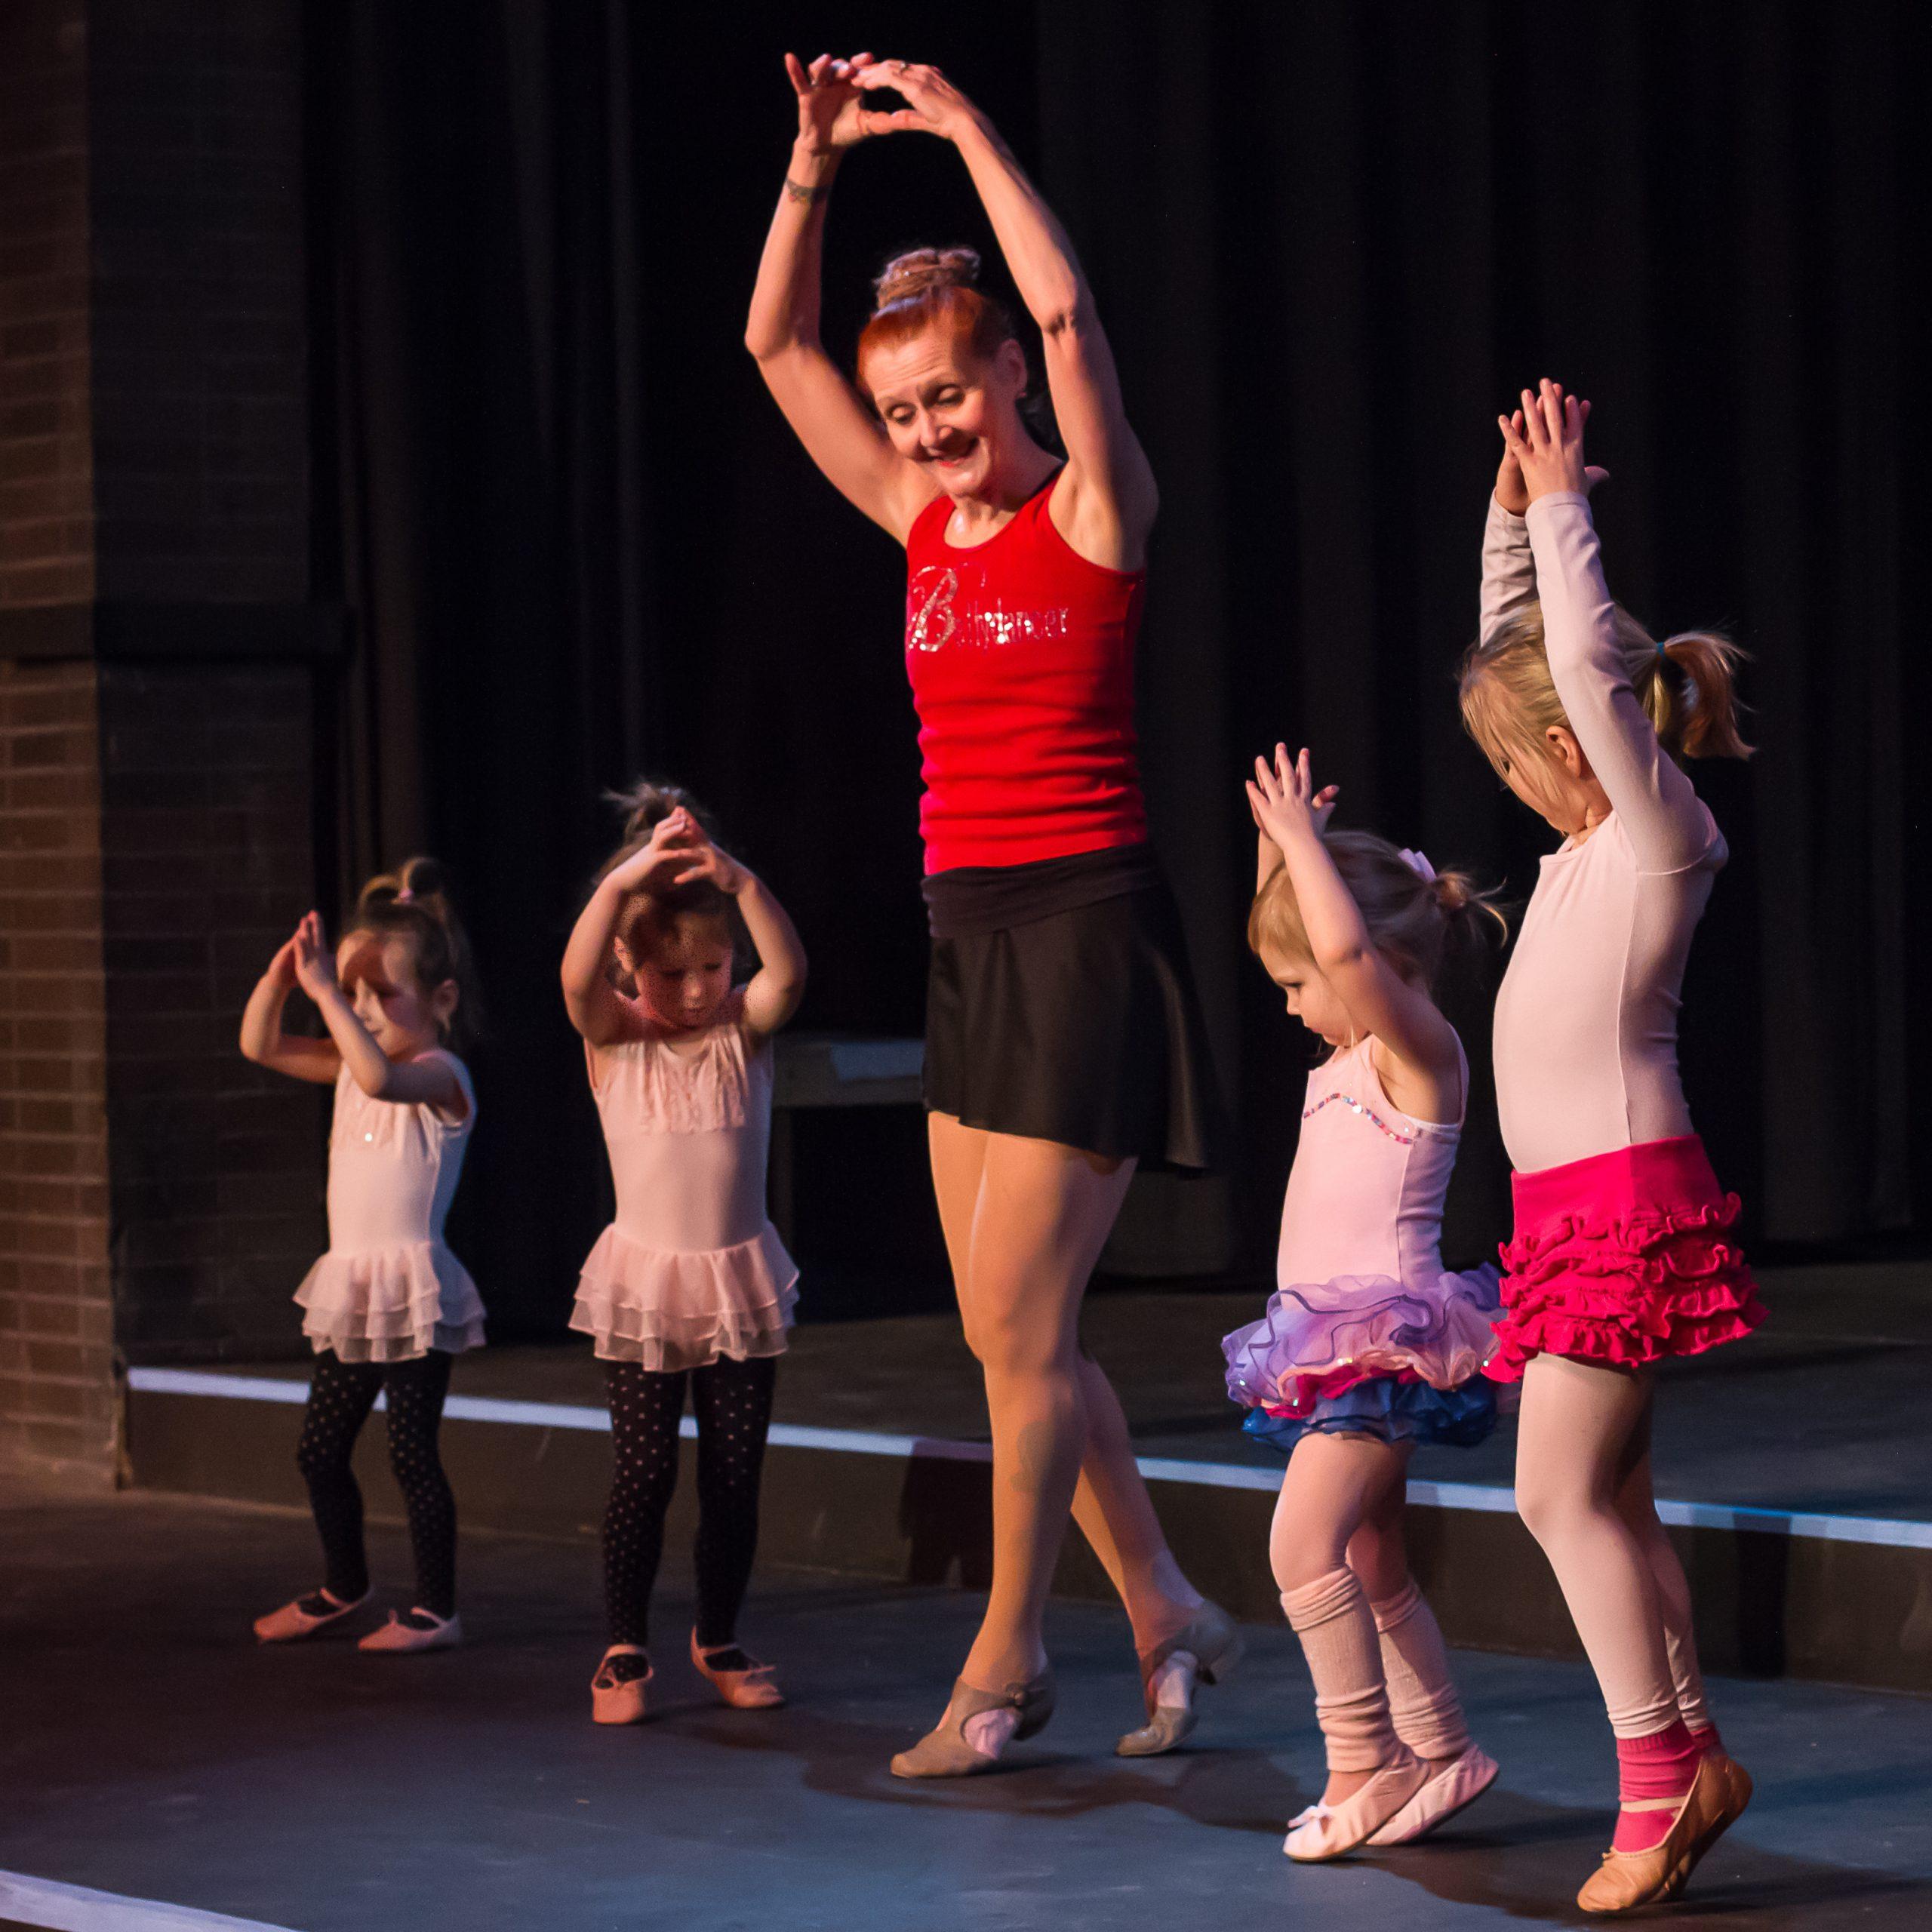 nancy dance class